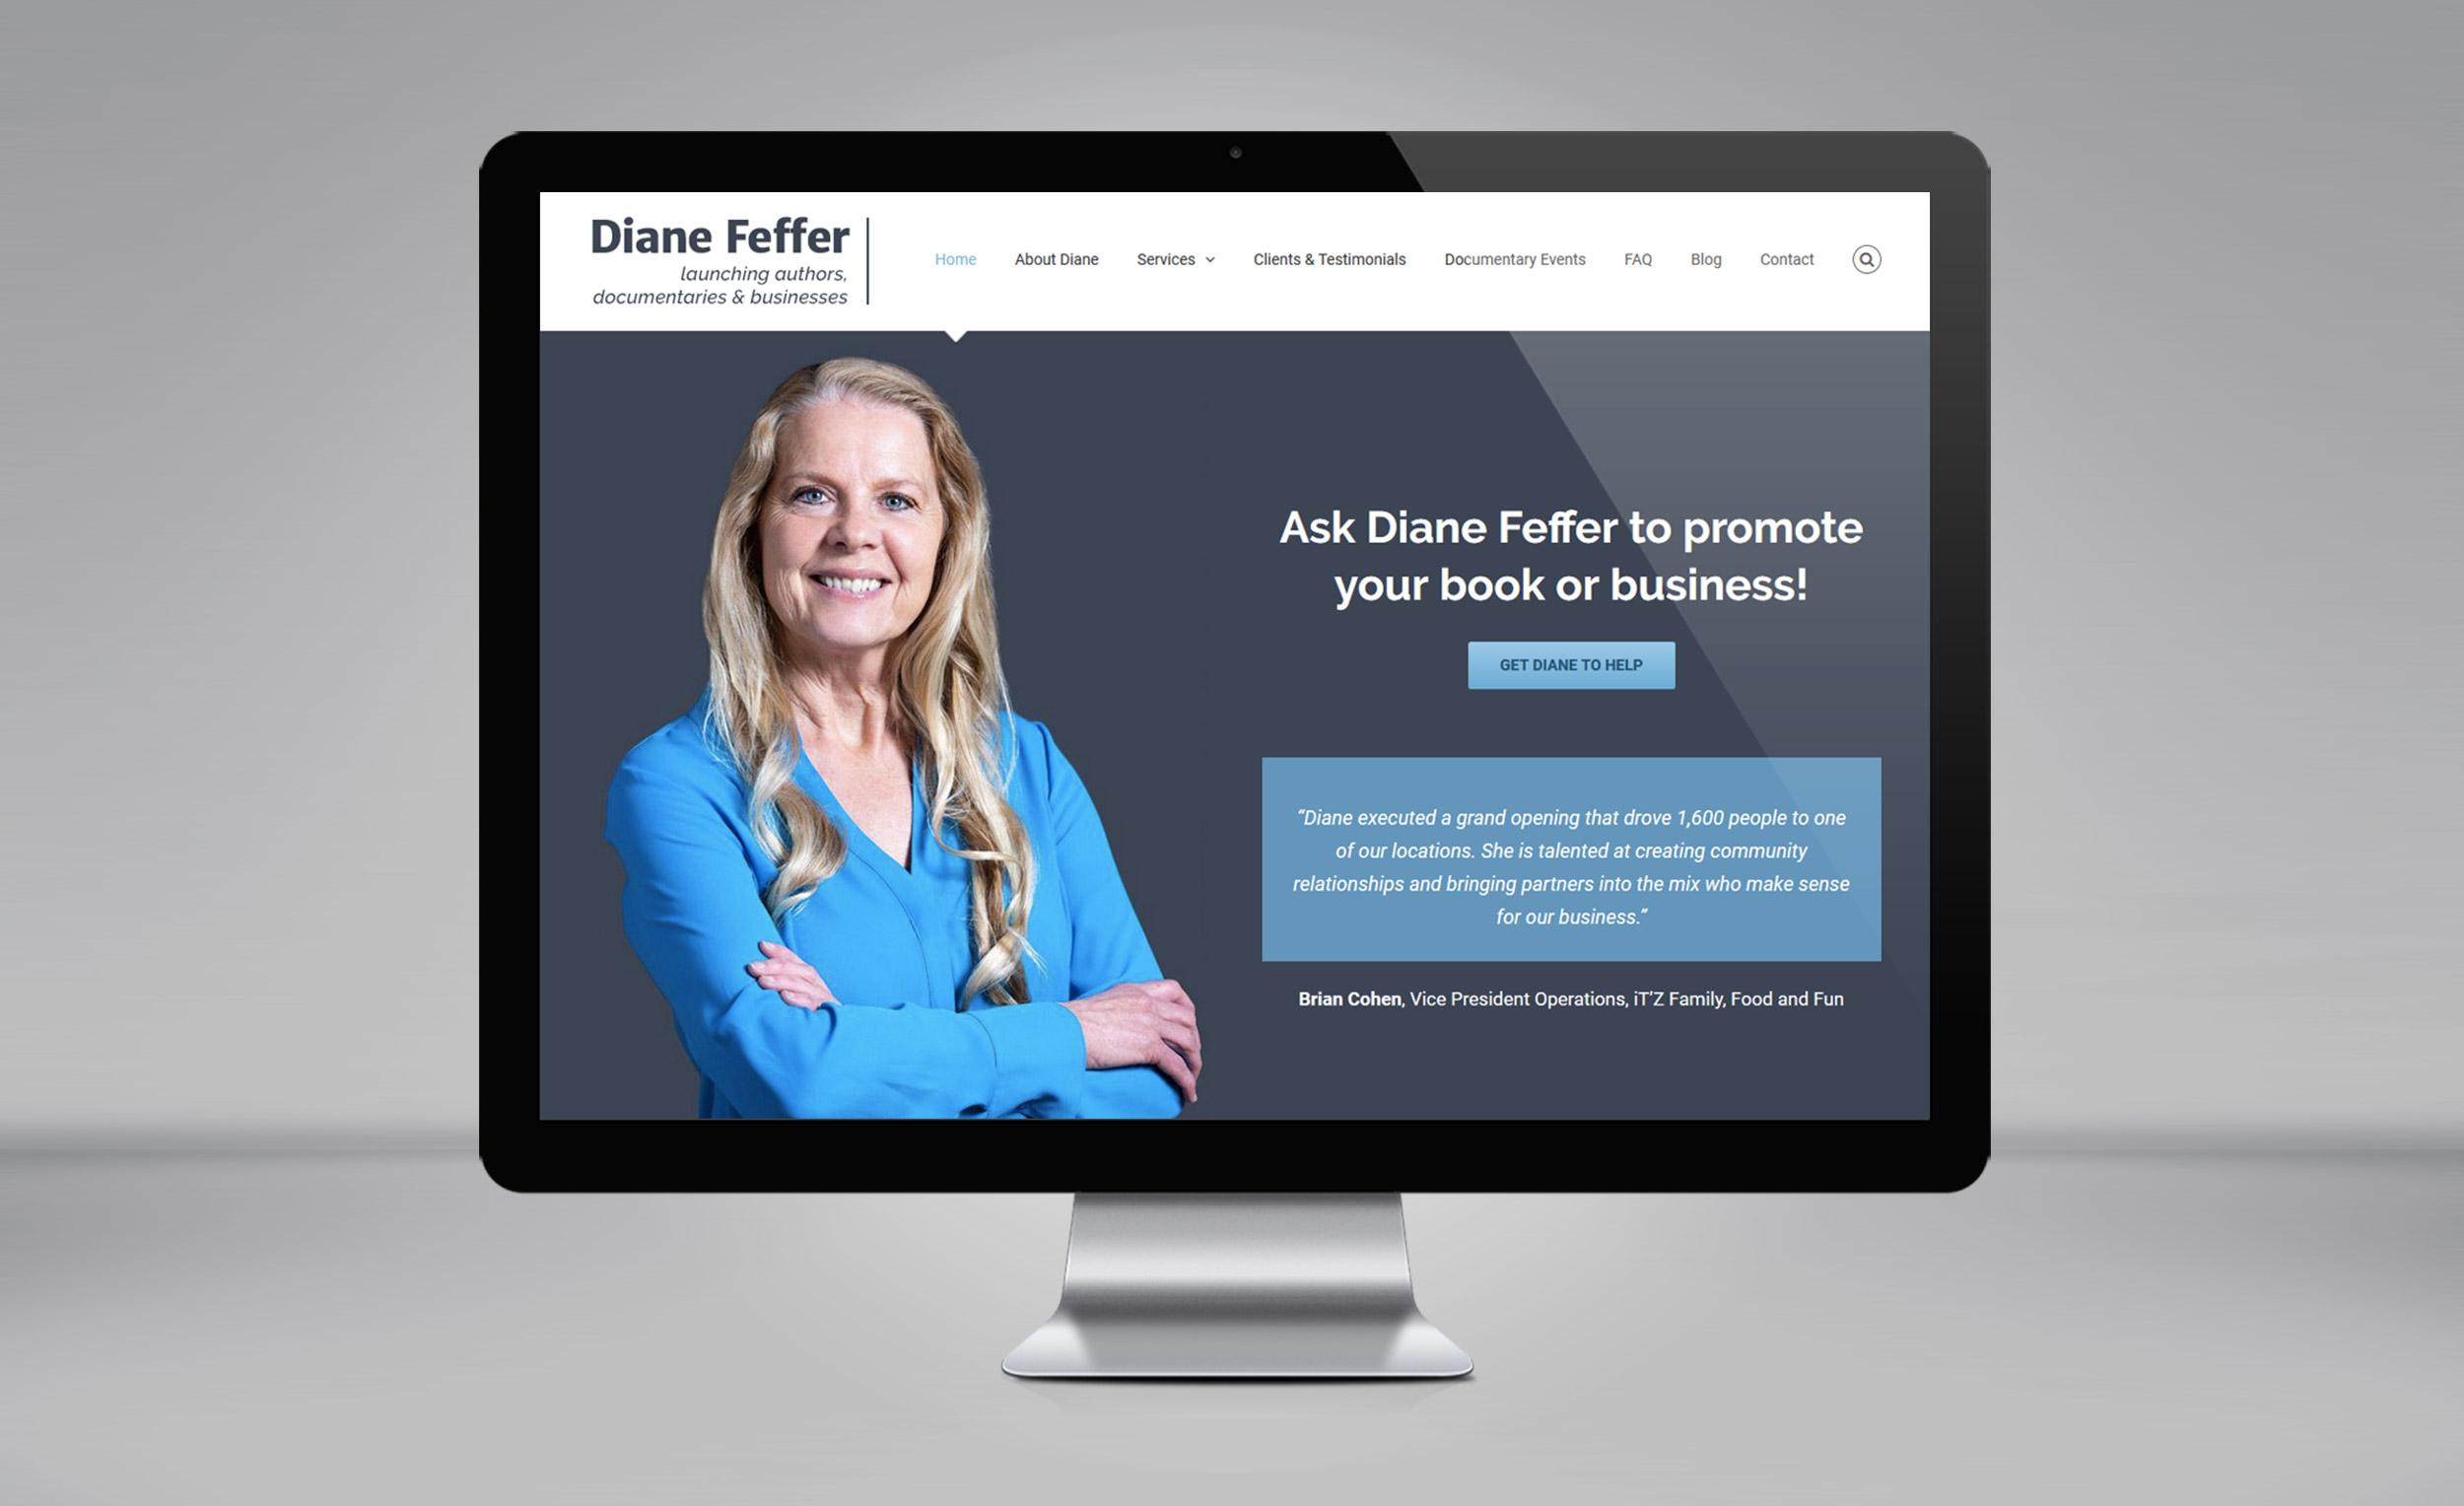 Diane Feffer